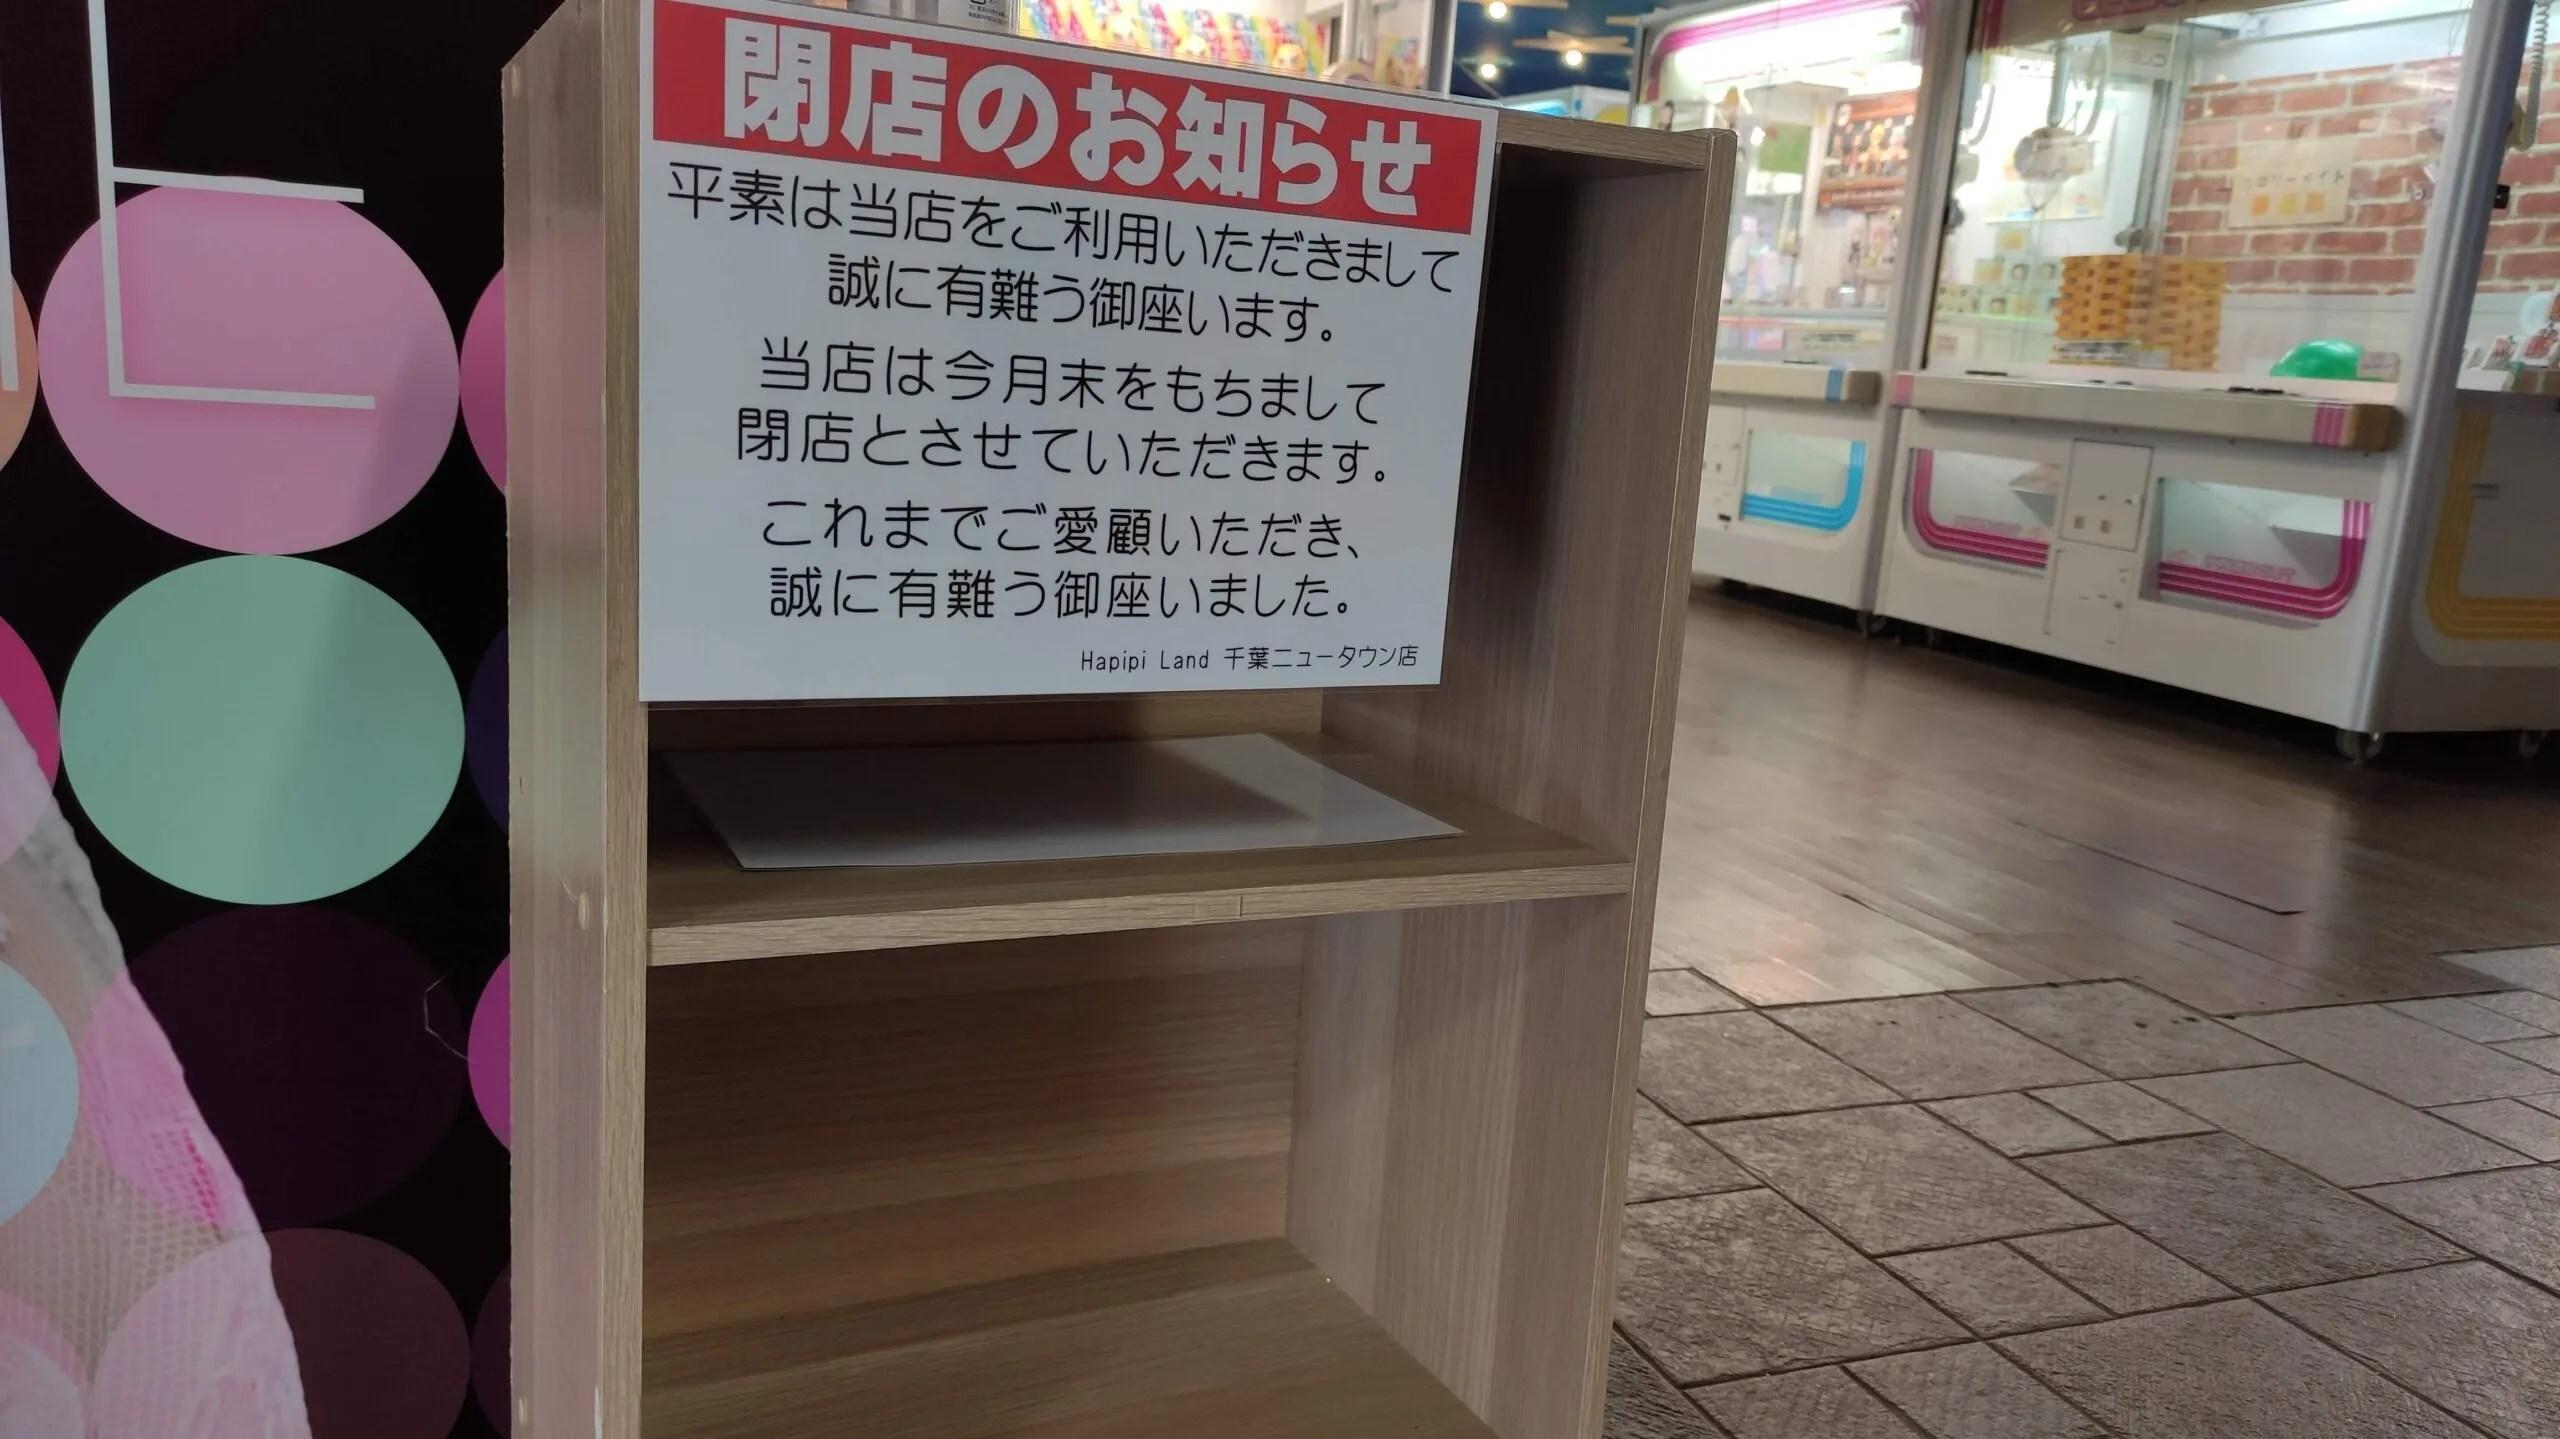 「ハピピランド」千葉ニュータウン店さん、閉店の模様です。02